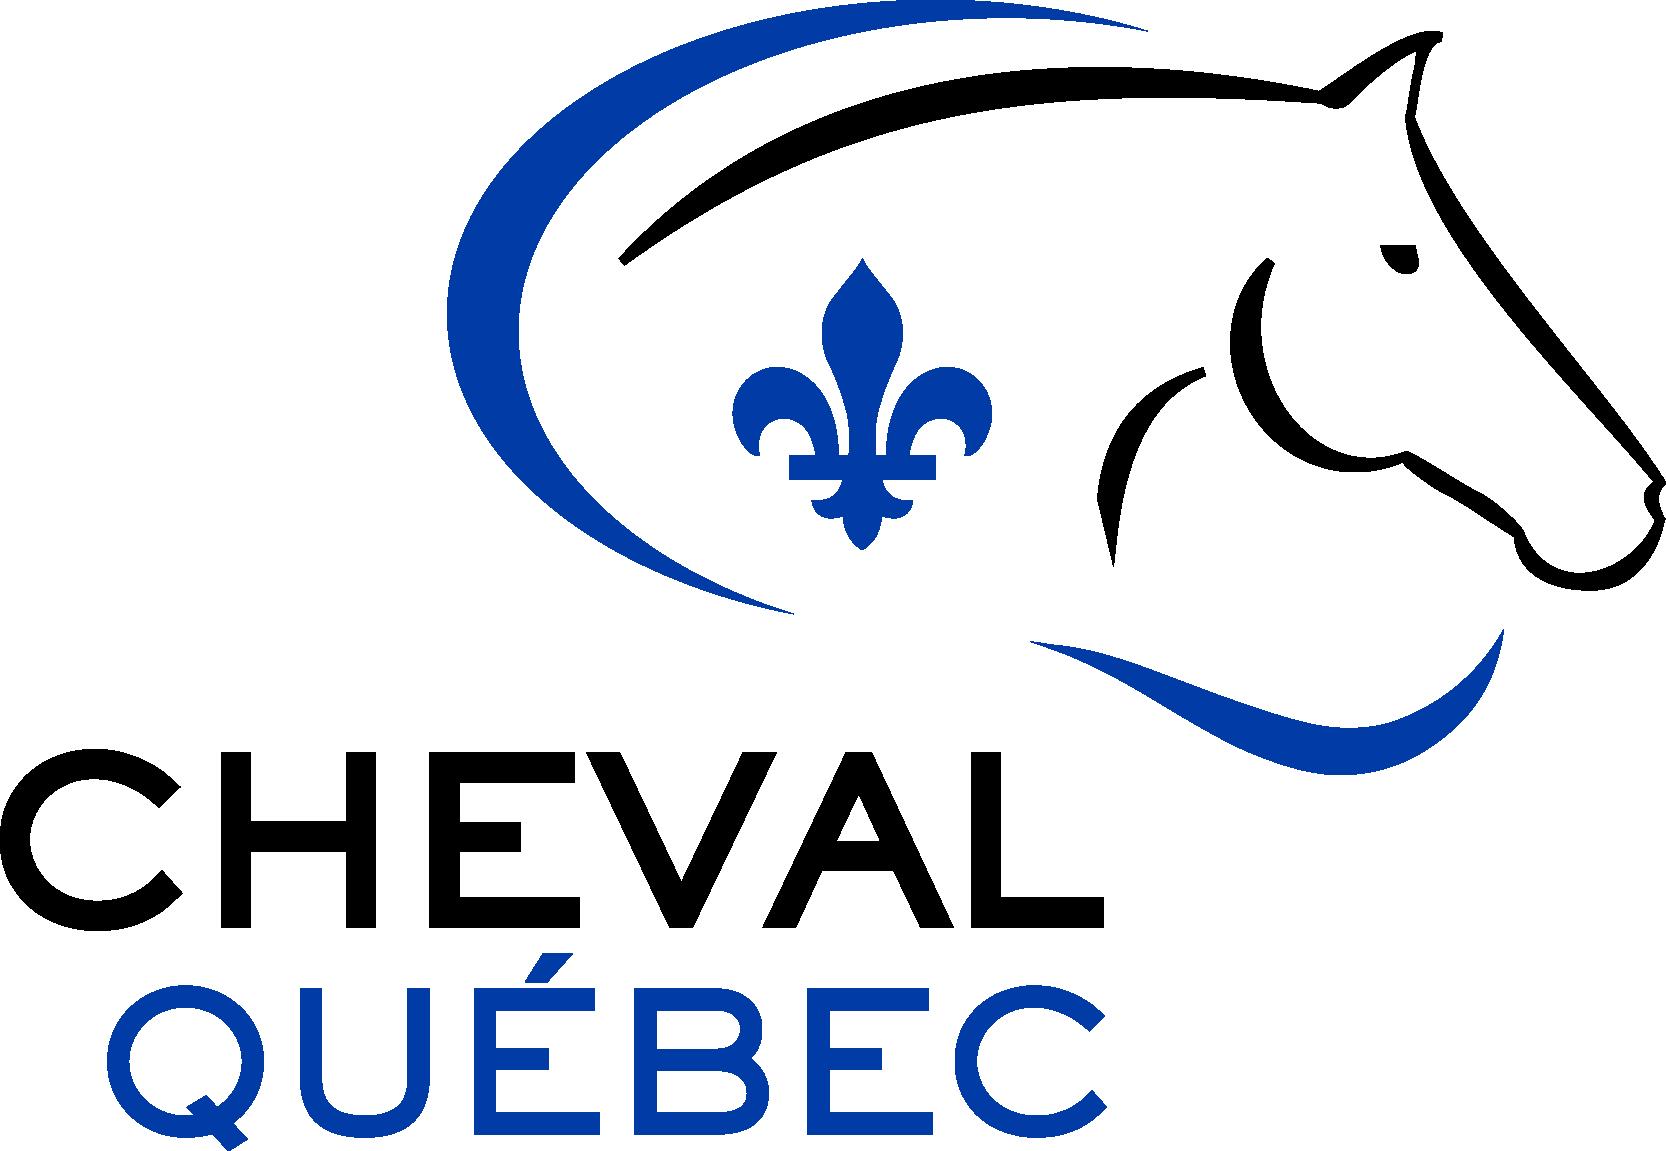 Assurances - Procurez-vous des assurances équestre par l'entremise de Cheval Québec cliquez ici.